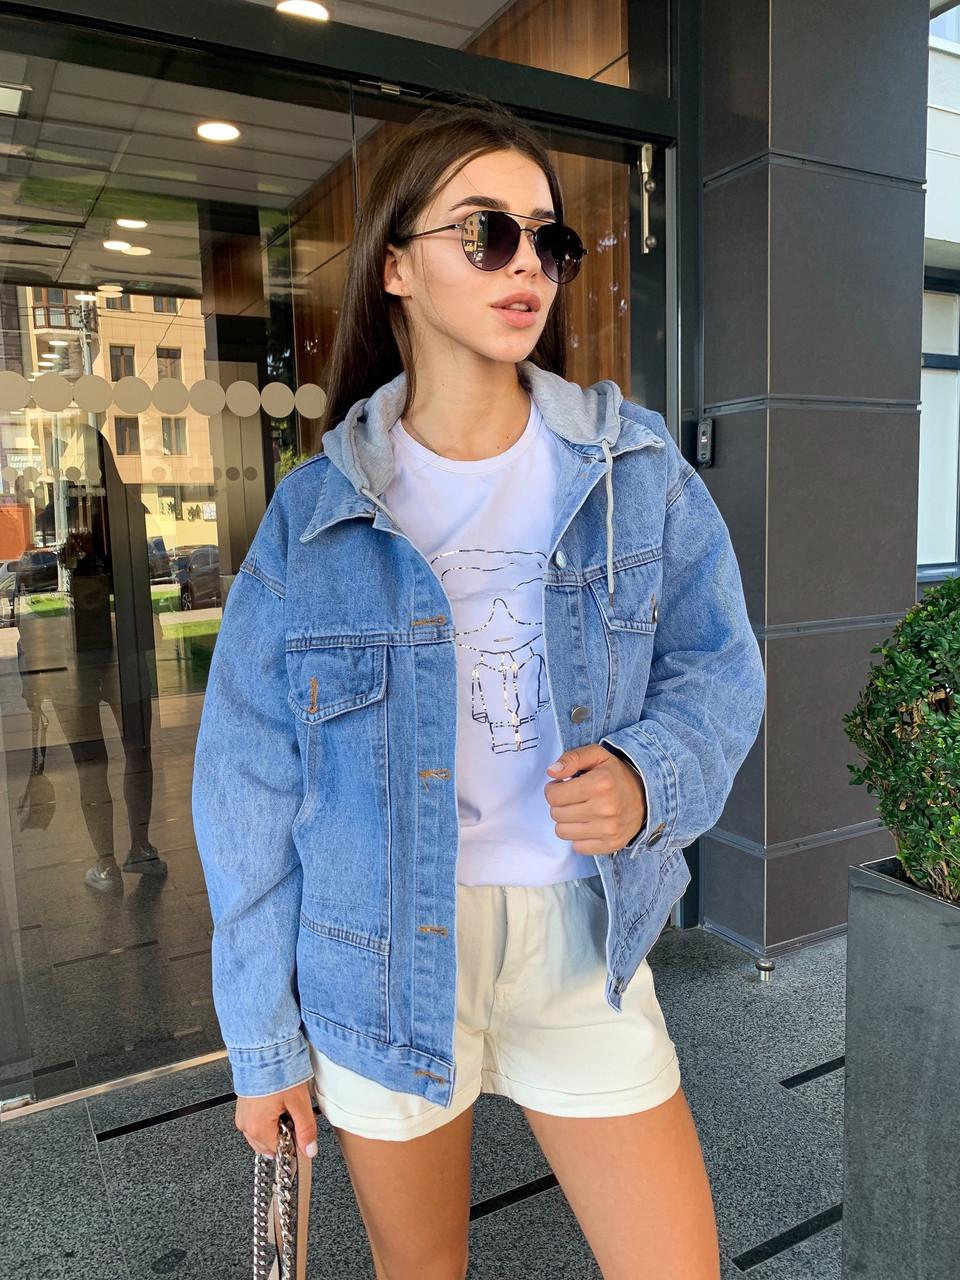 Женская джинсовая куртка оверсайз с капюшоном тканевым 7901306